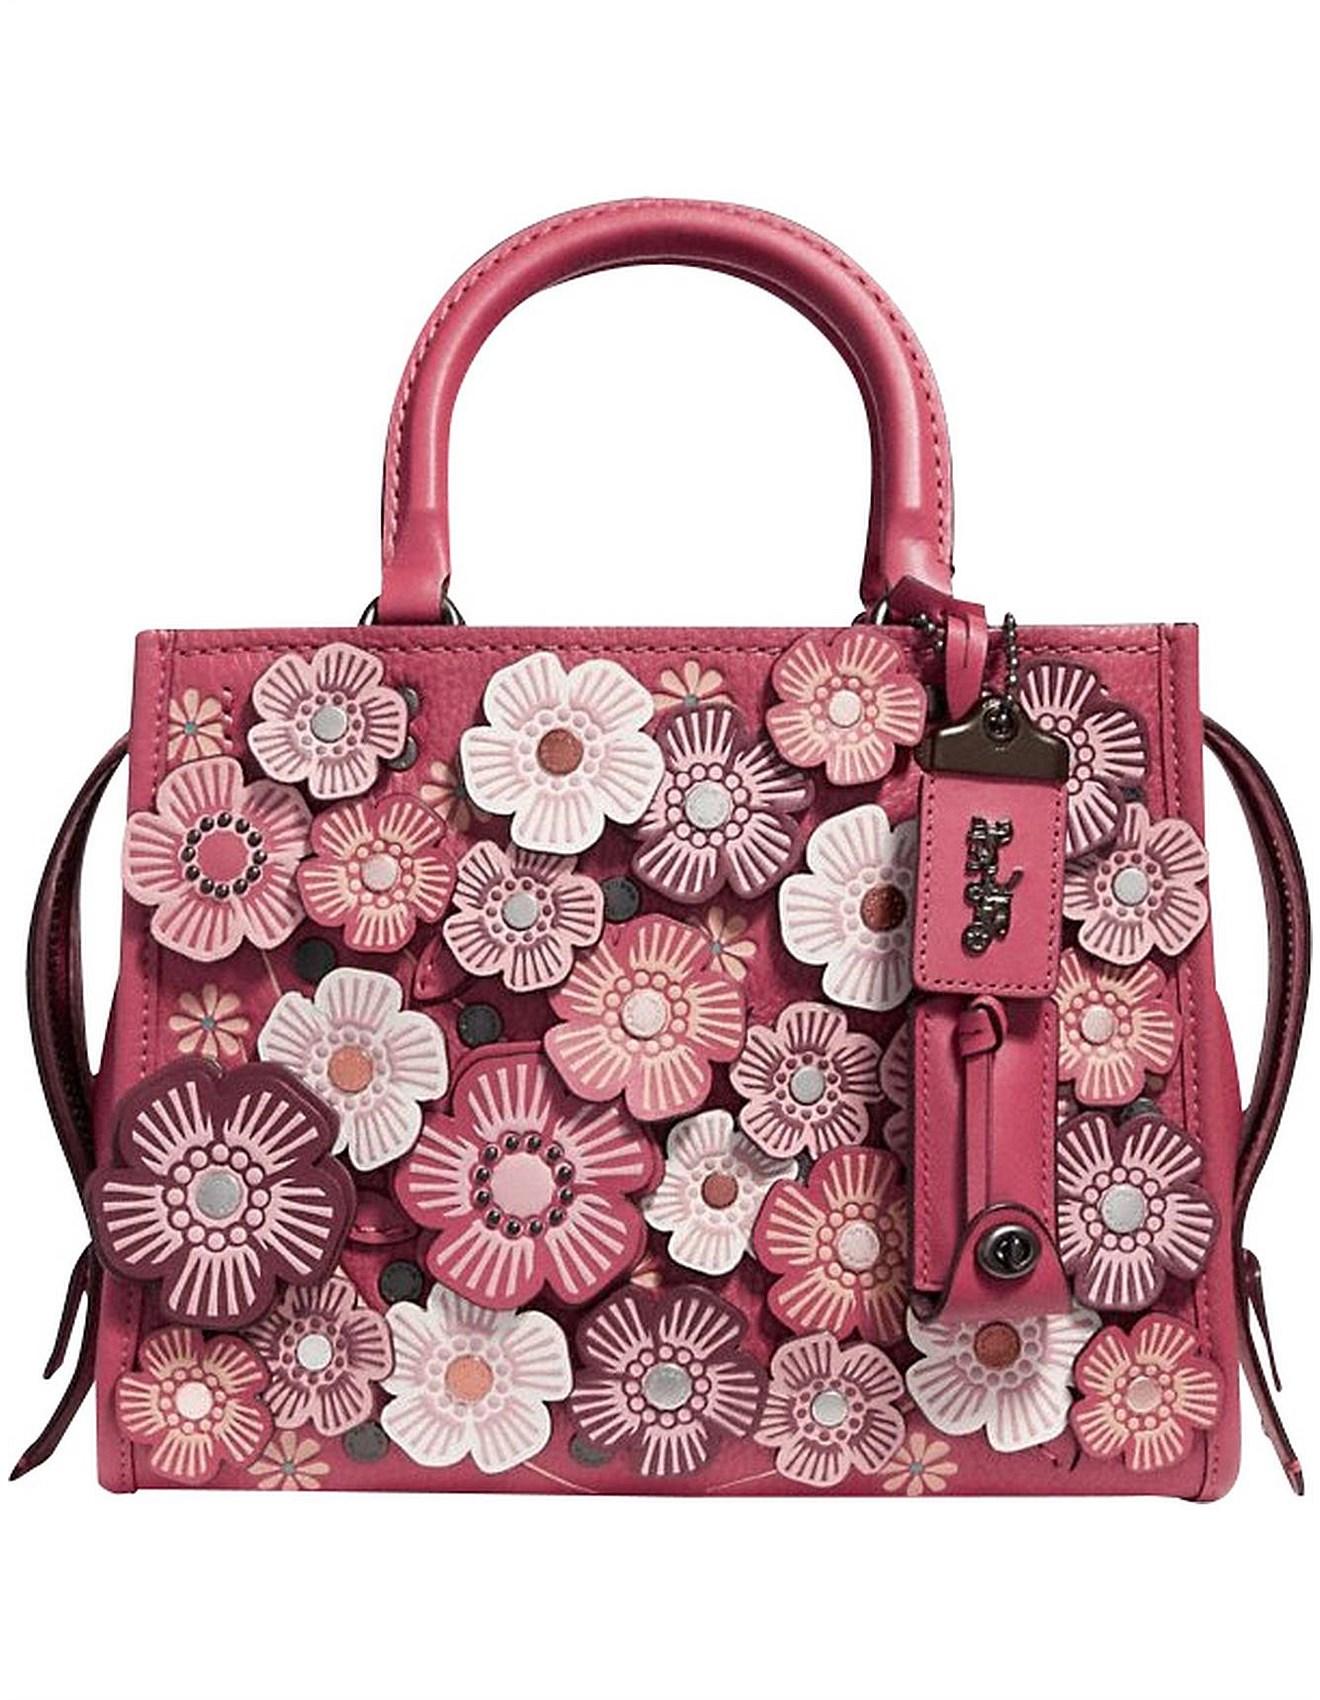 Bags Tea Rose Applique Rogue Bag 25